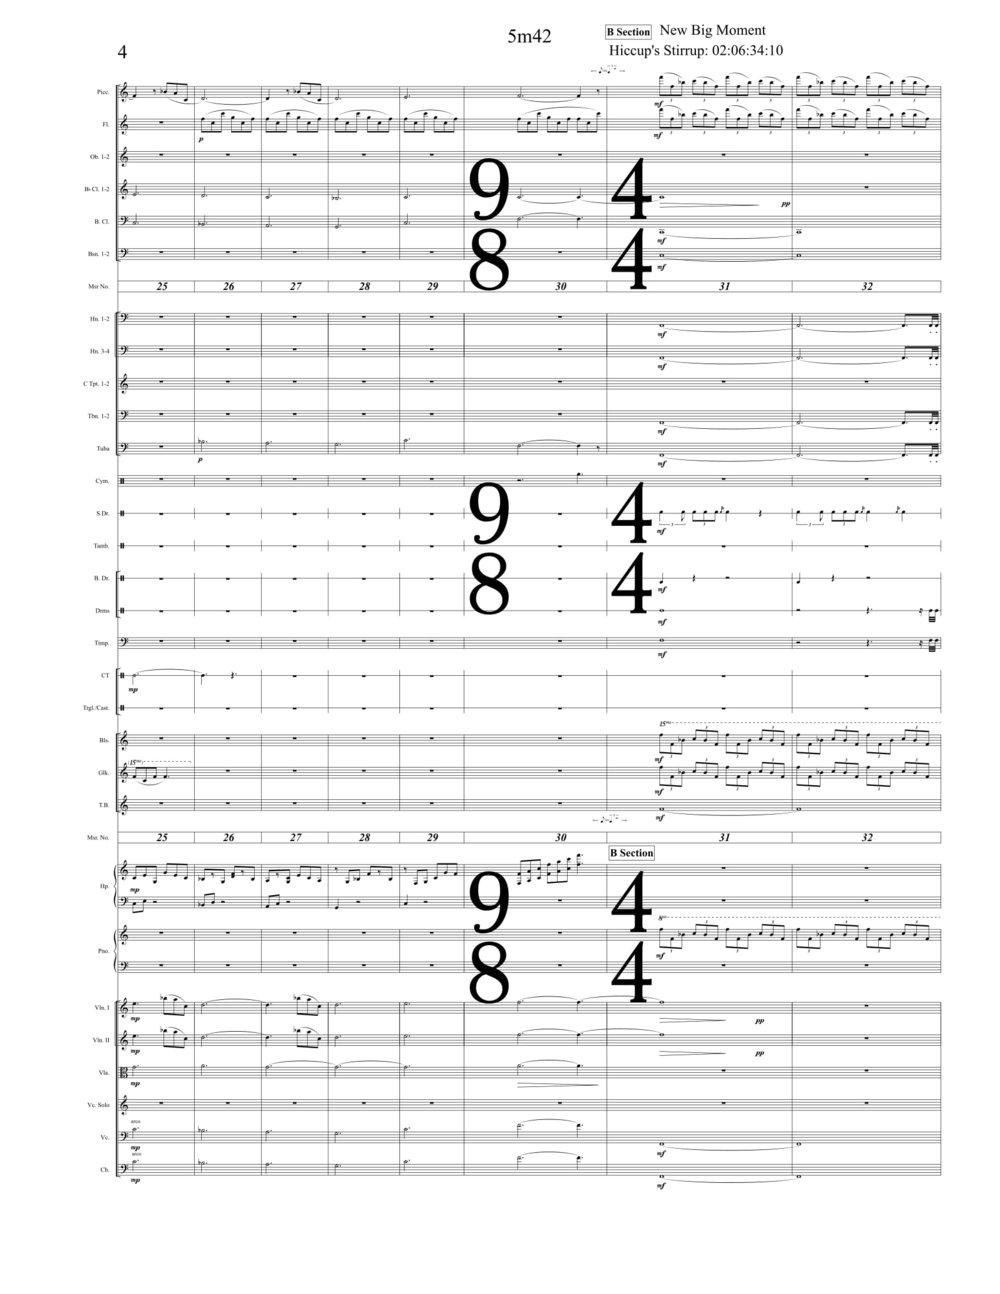 5m42 Full Score-4.jpg